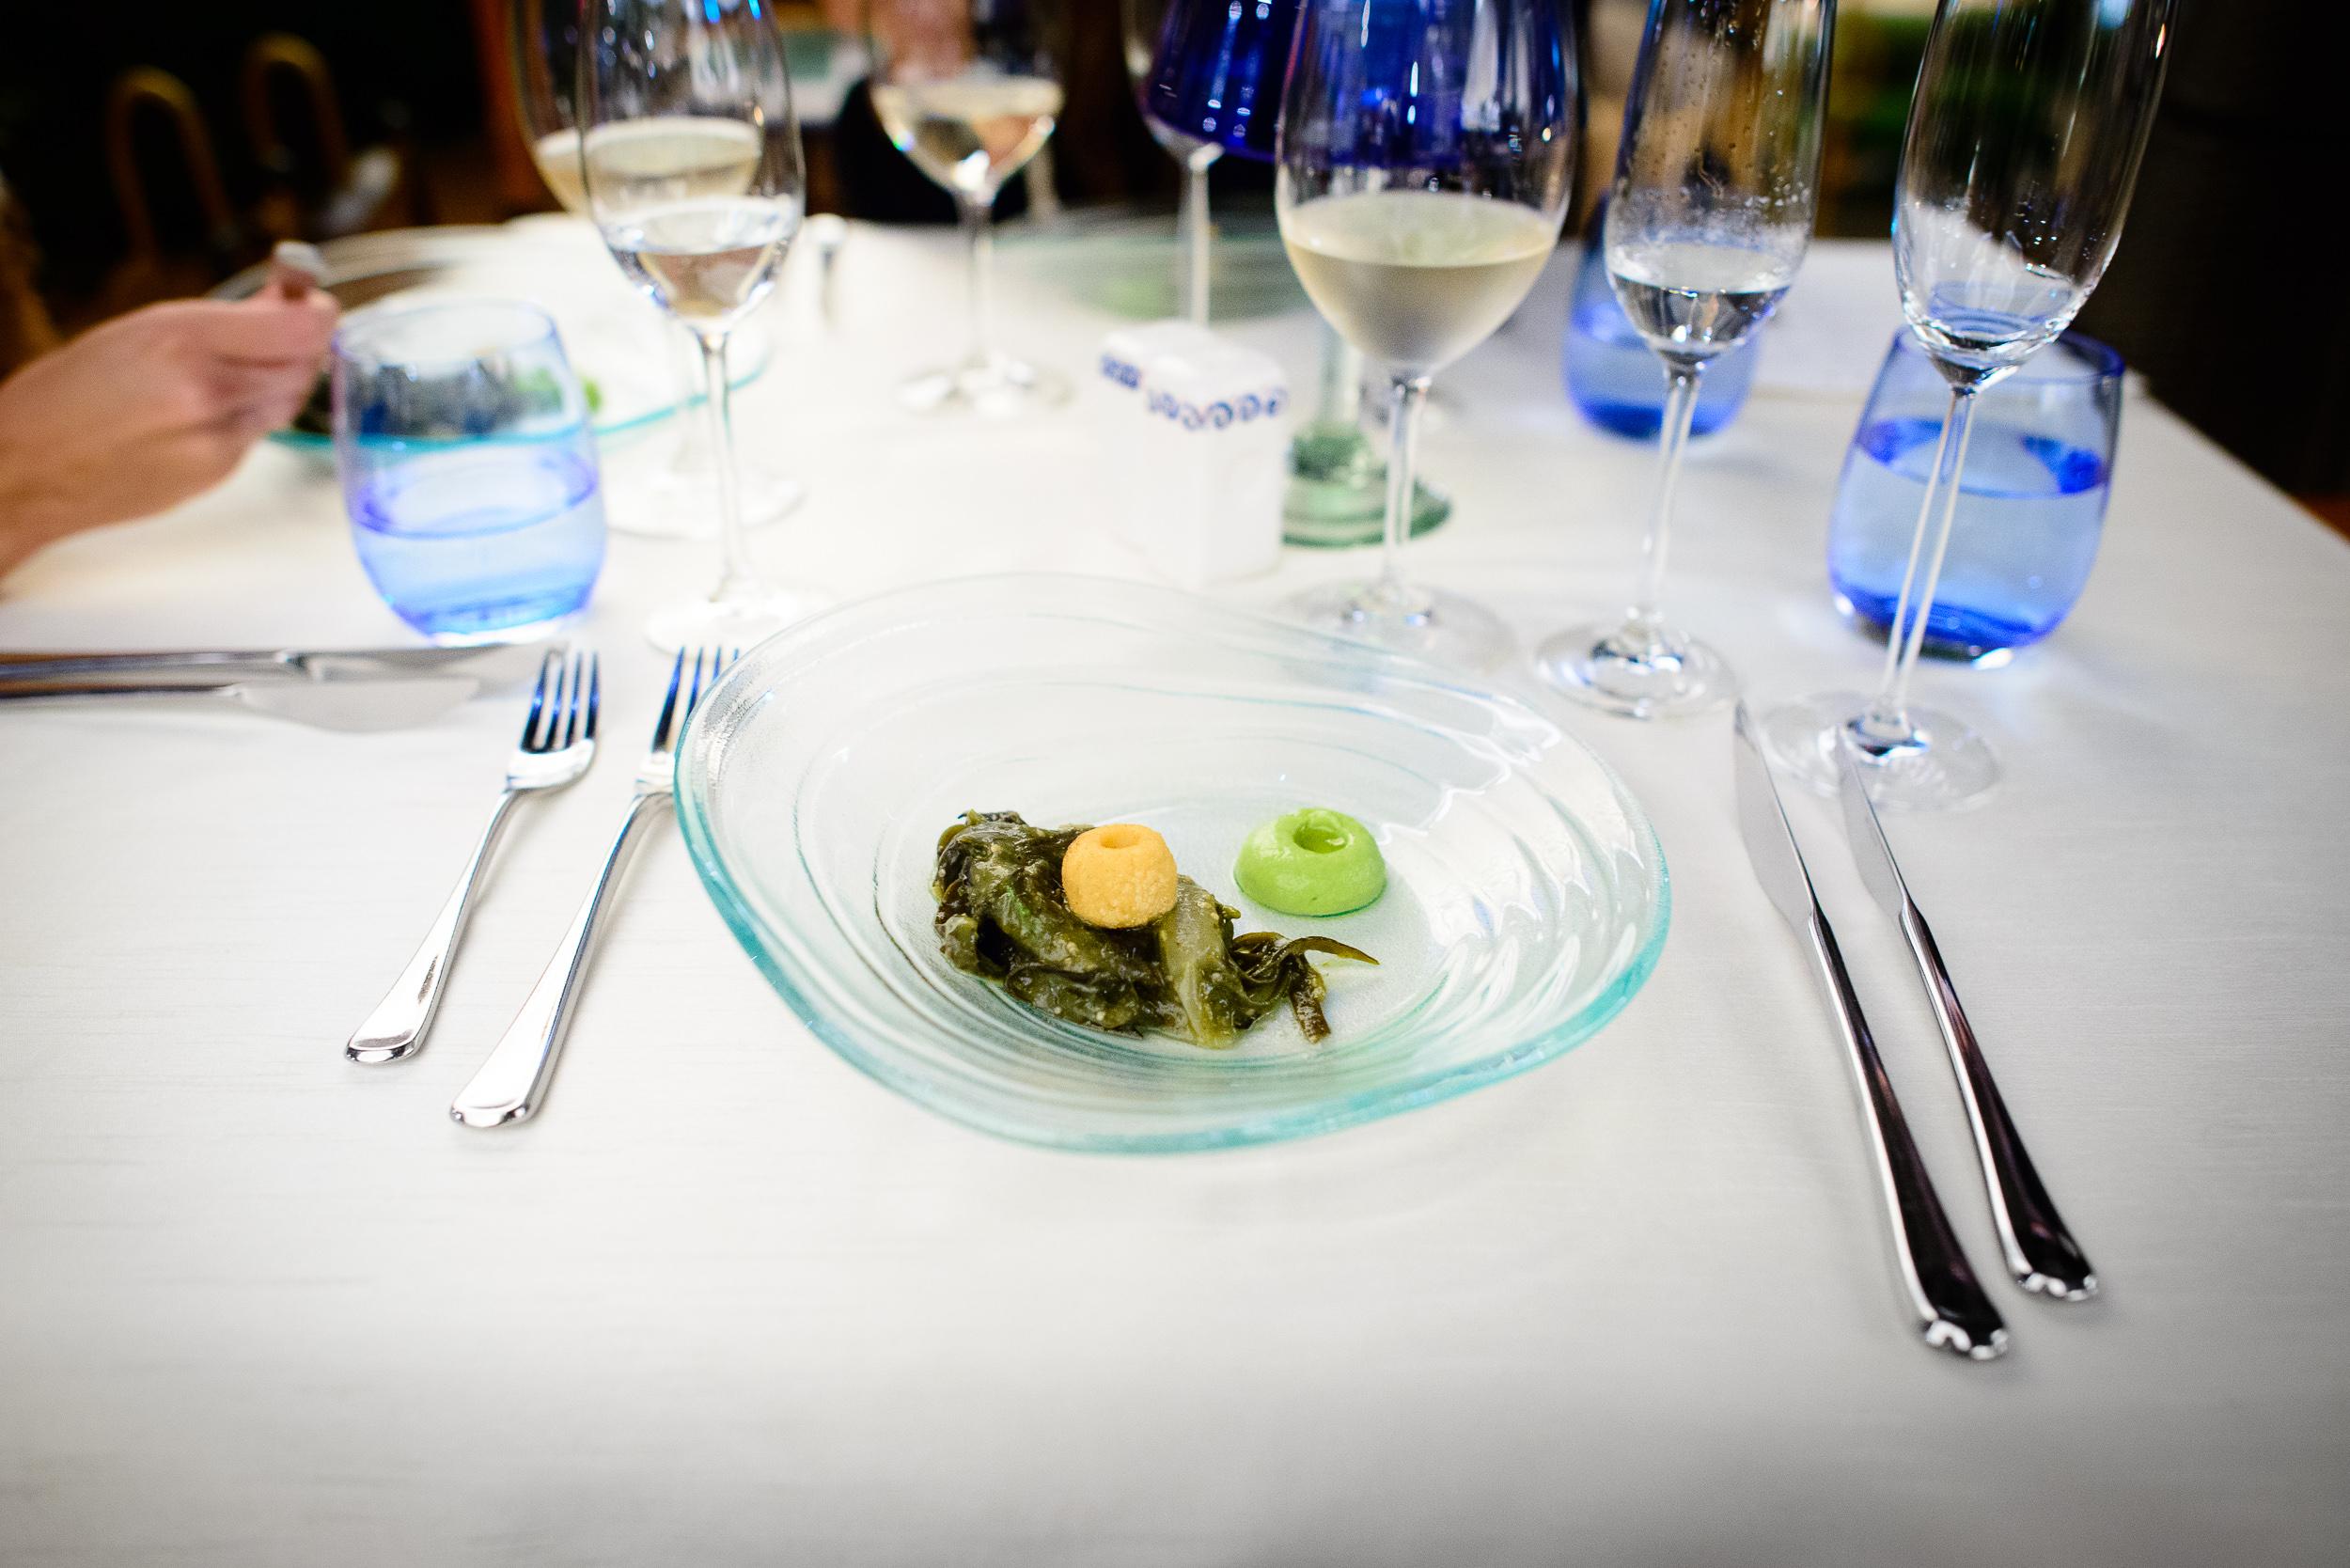 2nd Course: Algas en salsa verde (seaweed in green salsa)